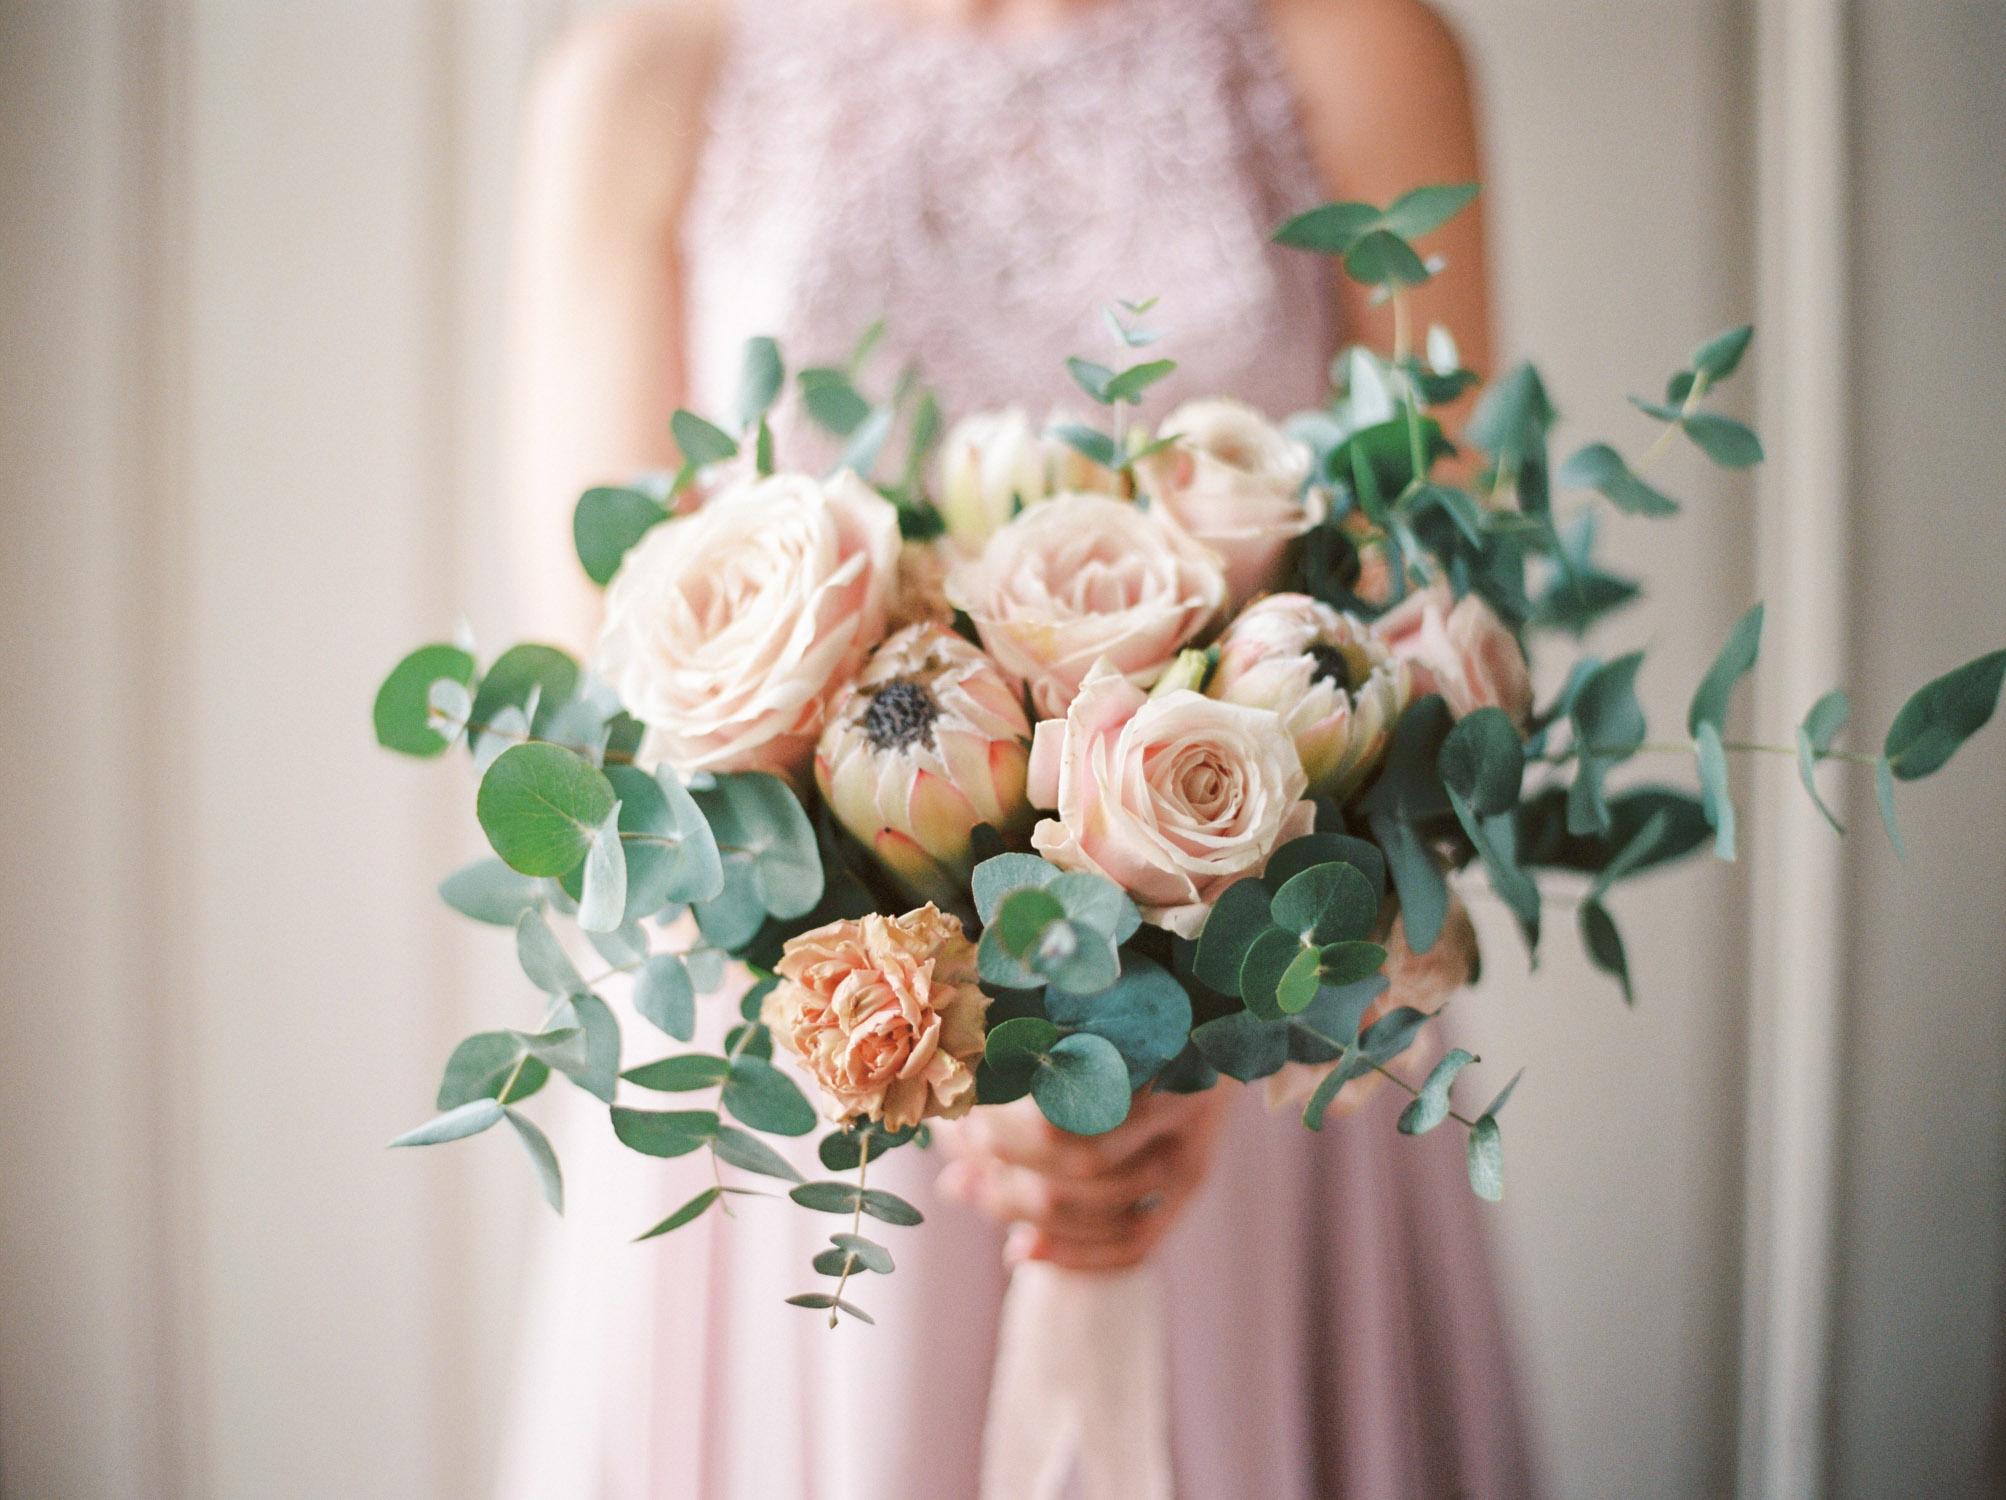 flower bouquet from a wedding destination in Austria